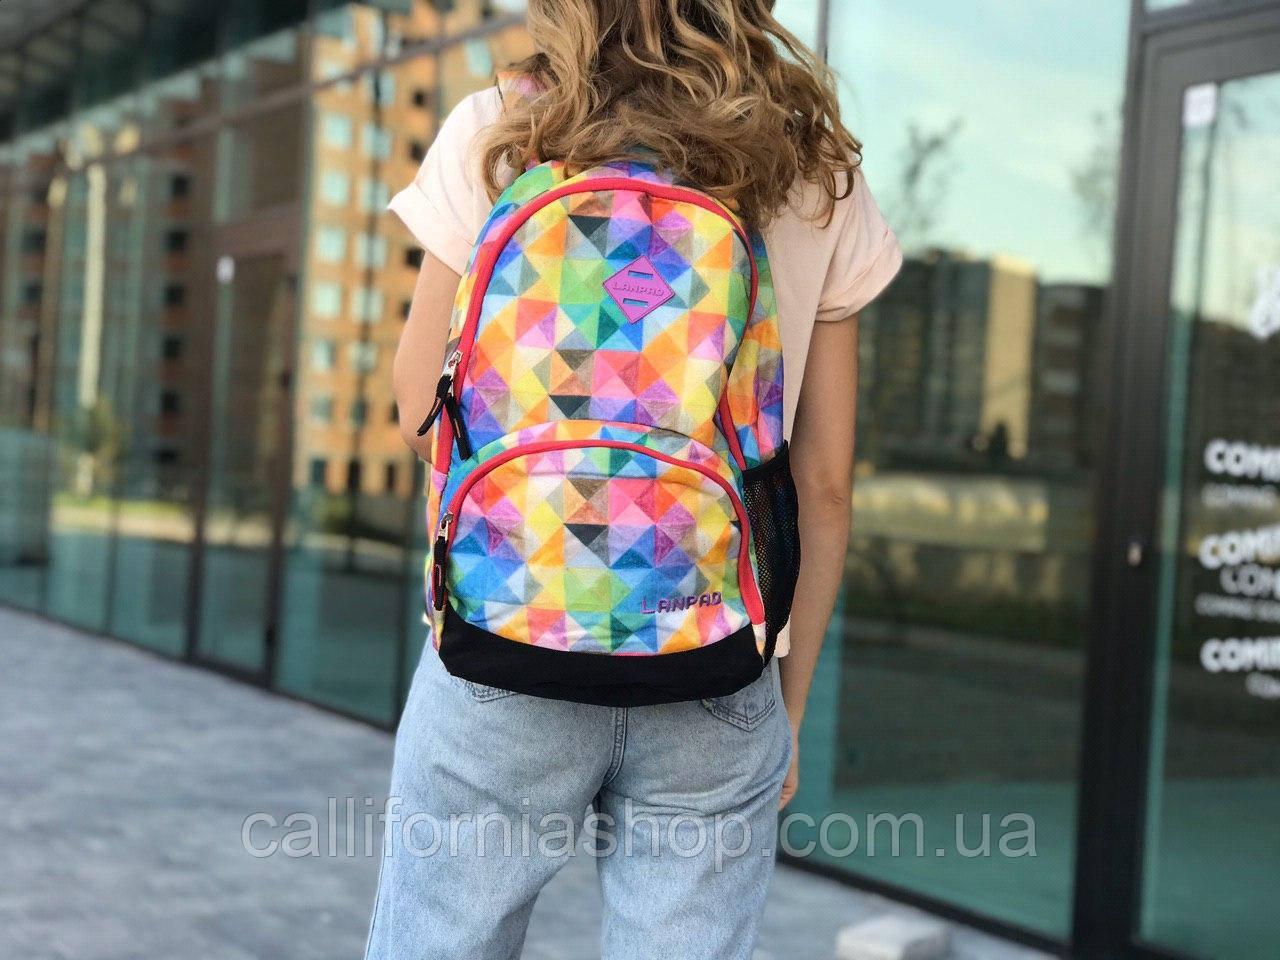 Яскравий міський рюкзак жіночий мозаїка геометрична 17 літрів